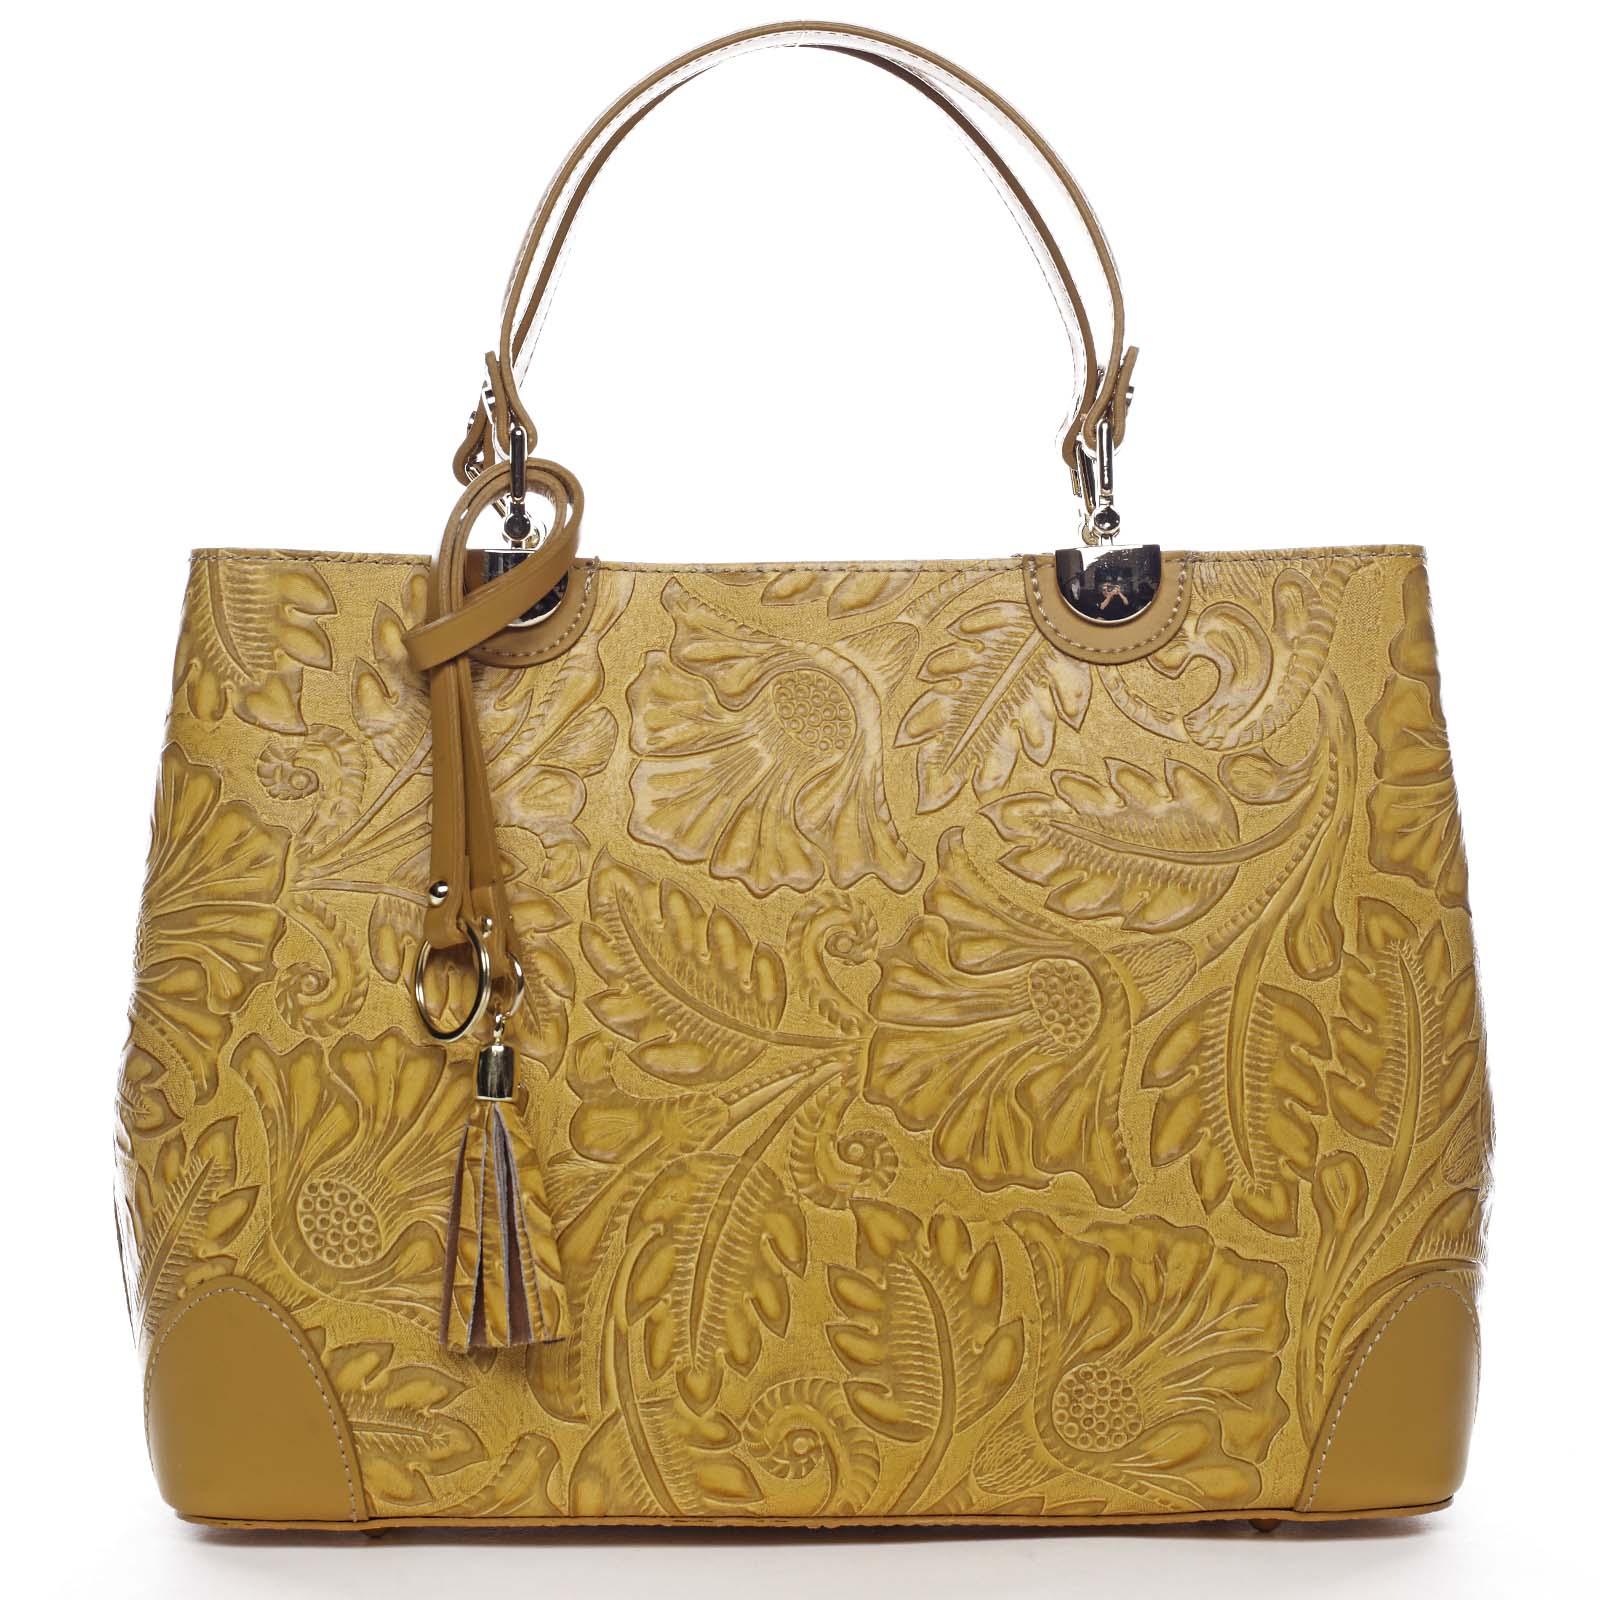 Originální dámská kožená kabelka tmavě žlutá - ItalY Mattie